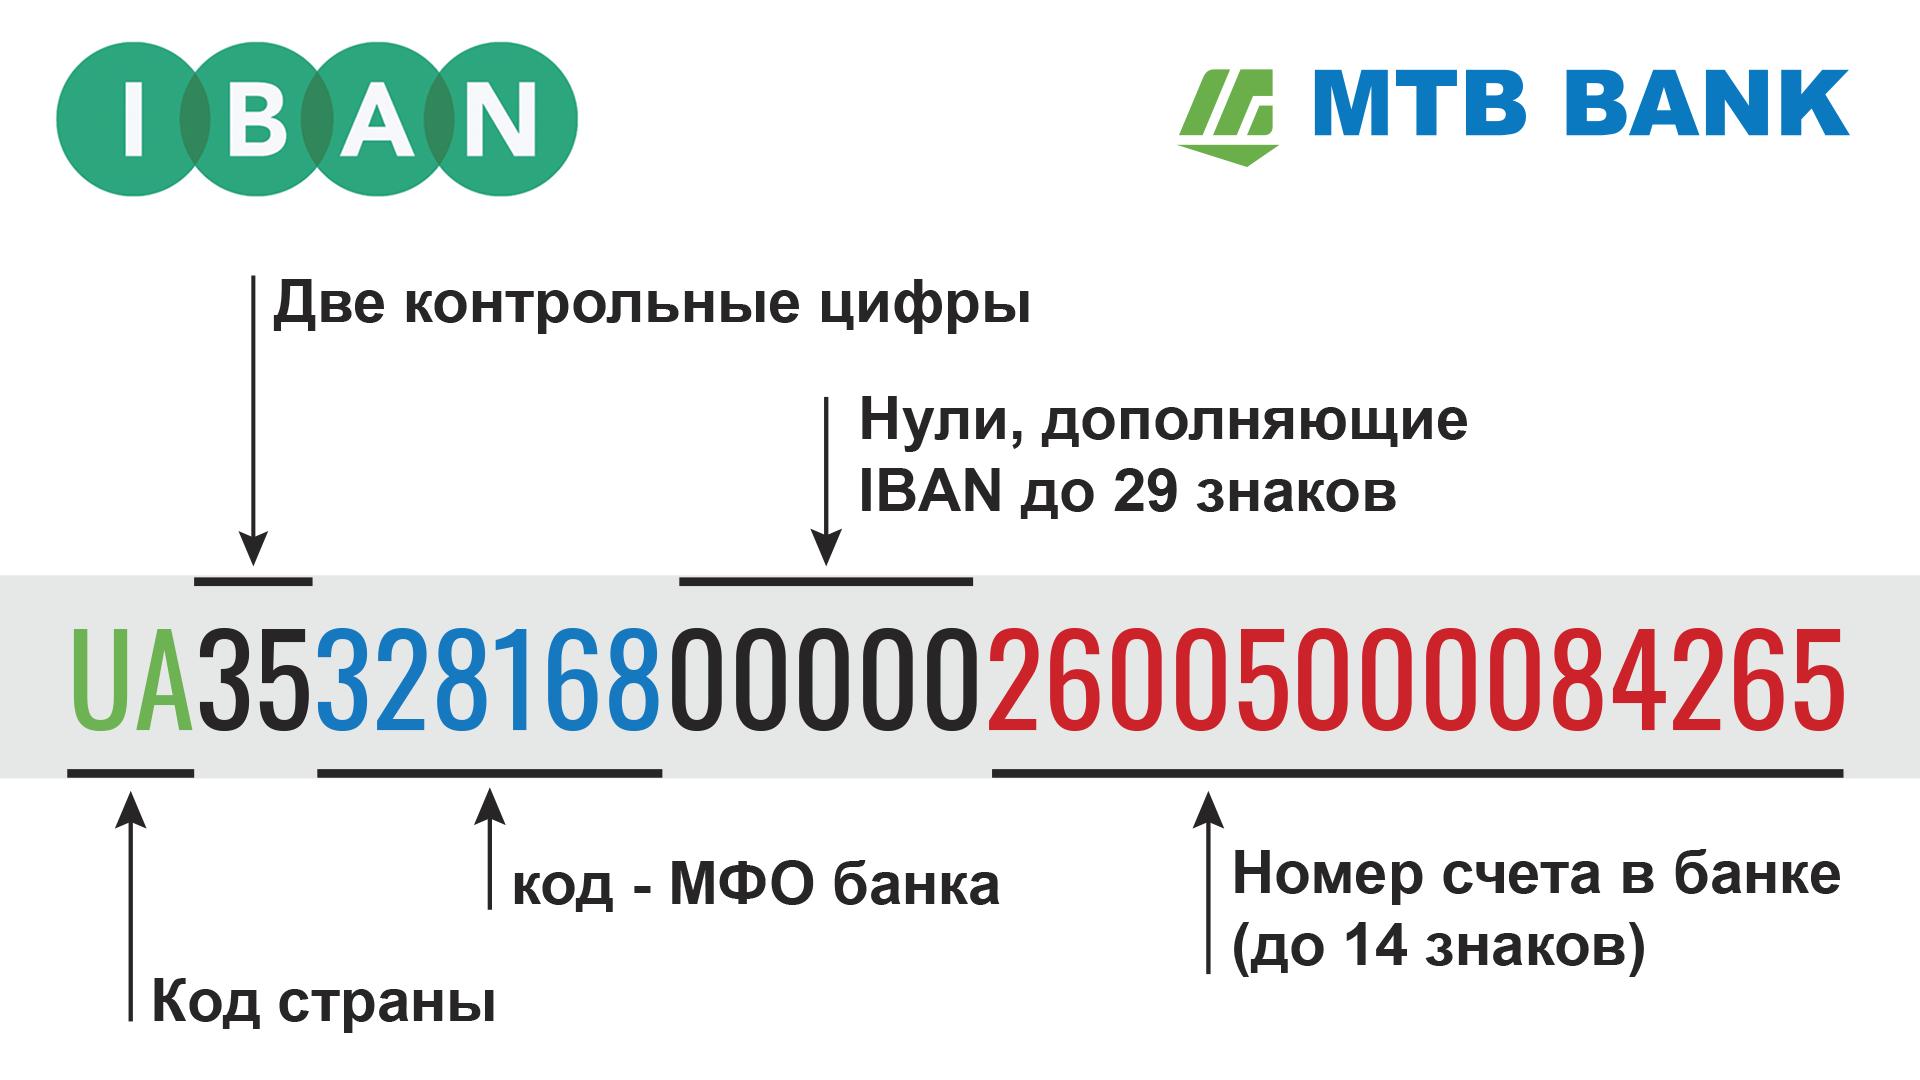 Памятка для клиентов банка от МТБ БАНК • информация по IBAN в Украине в MTB БАНК - фото - mtb.ua